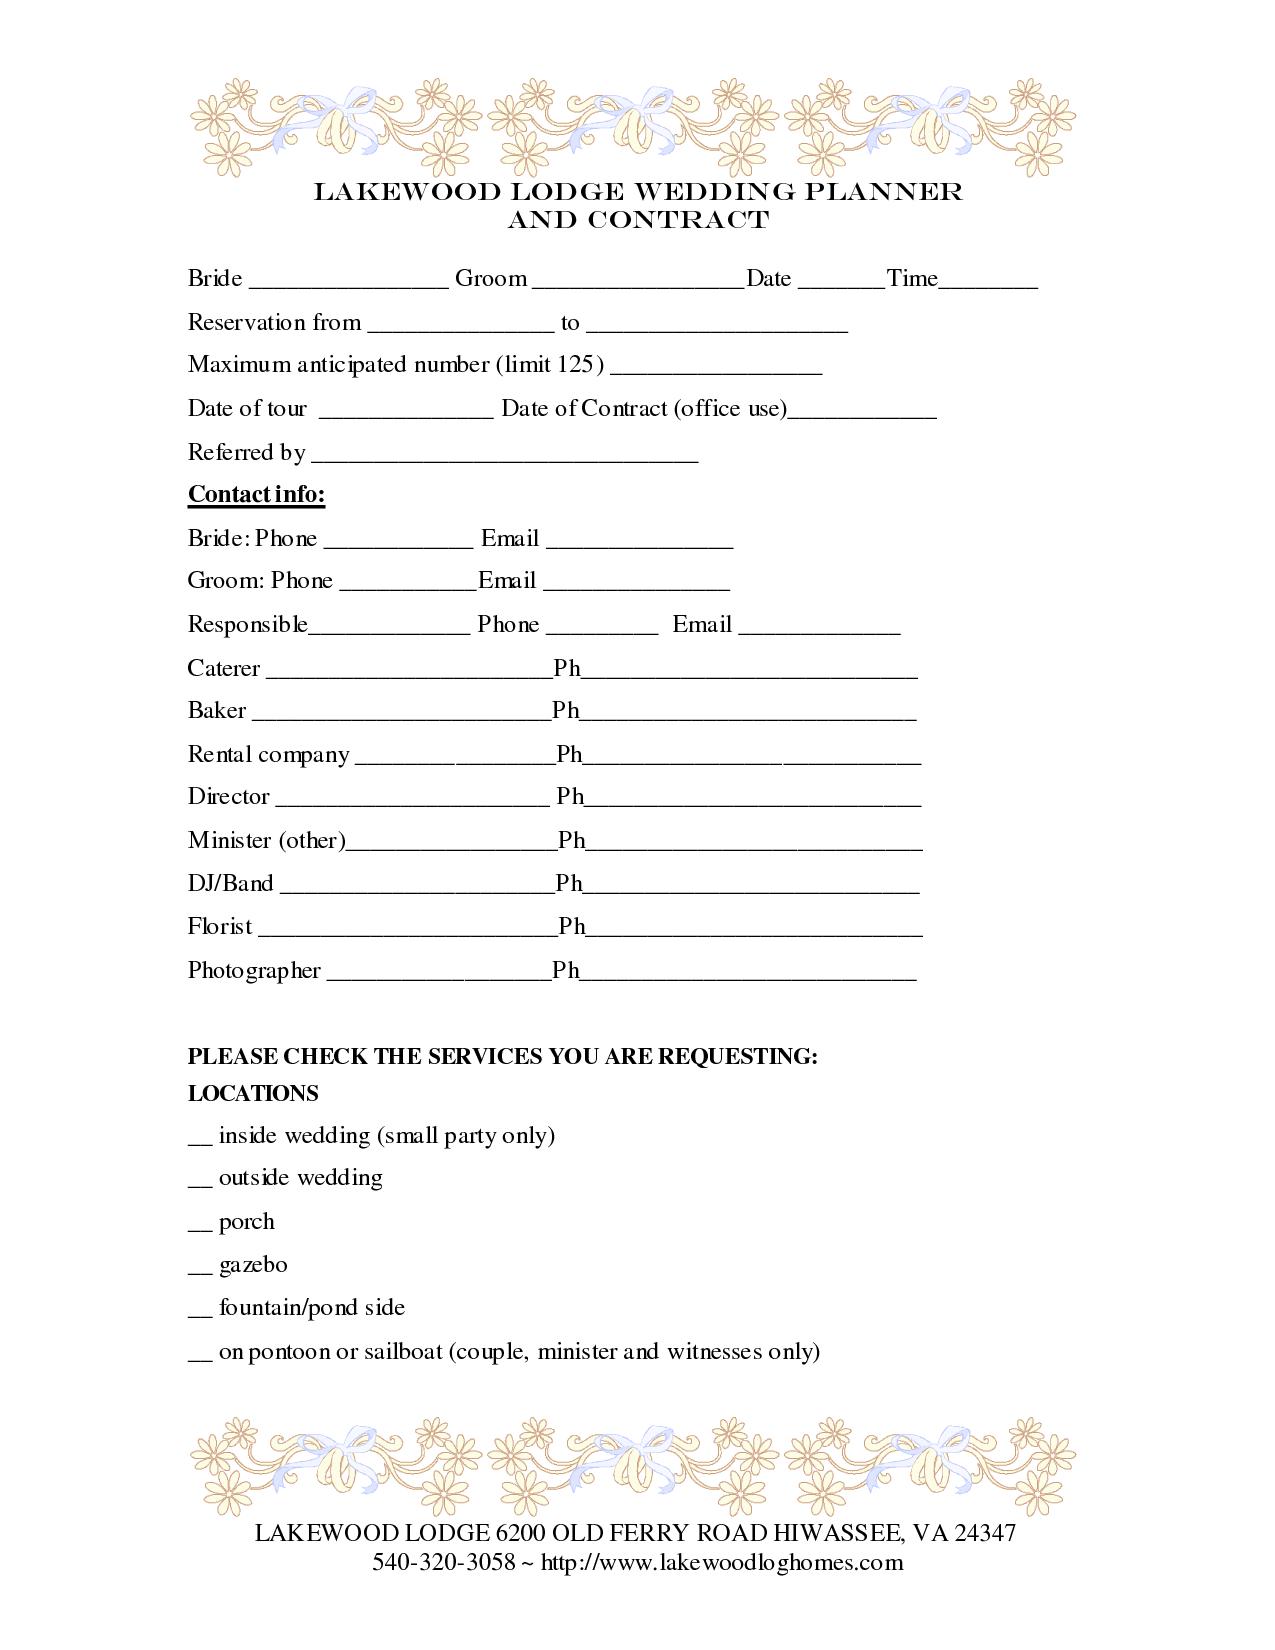 Wedding Planner Contract Template En